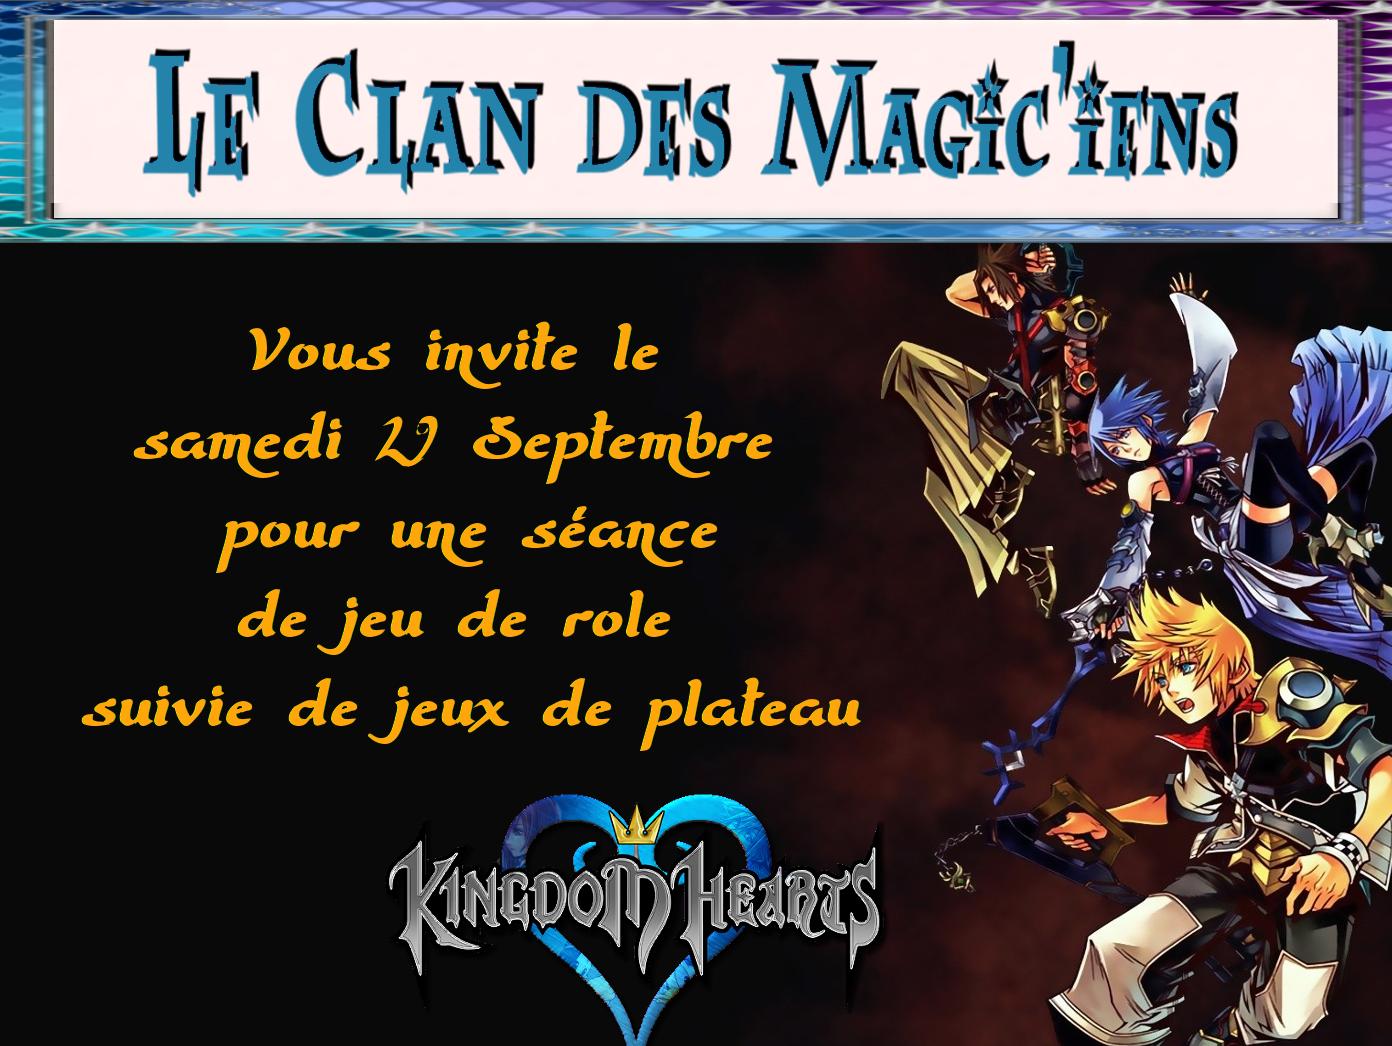 Samedi 29 Septembre : Jeu de Rôle : Kingdom Hearts et Jeux de plateau PmWPn